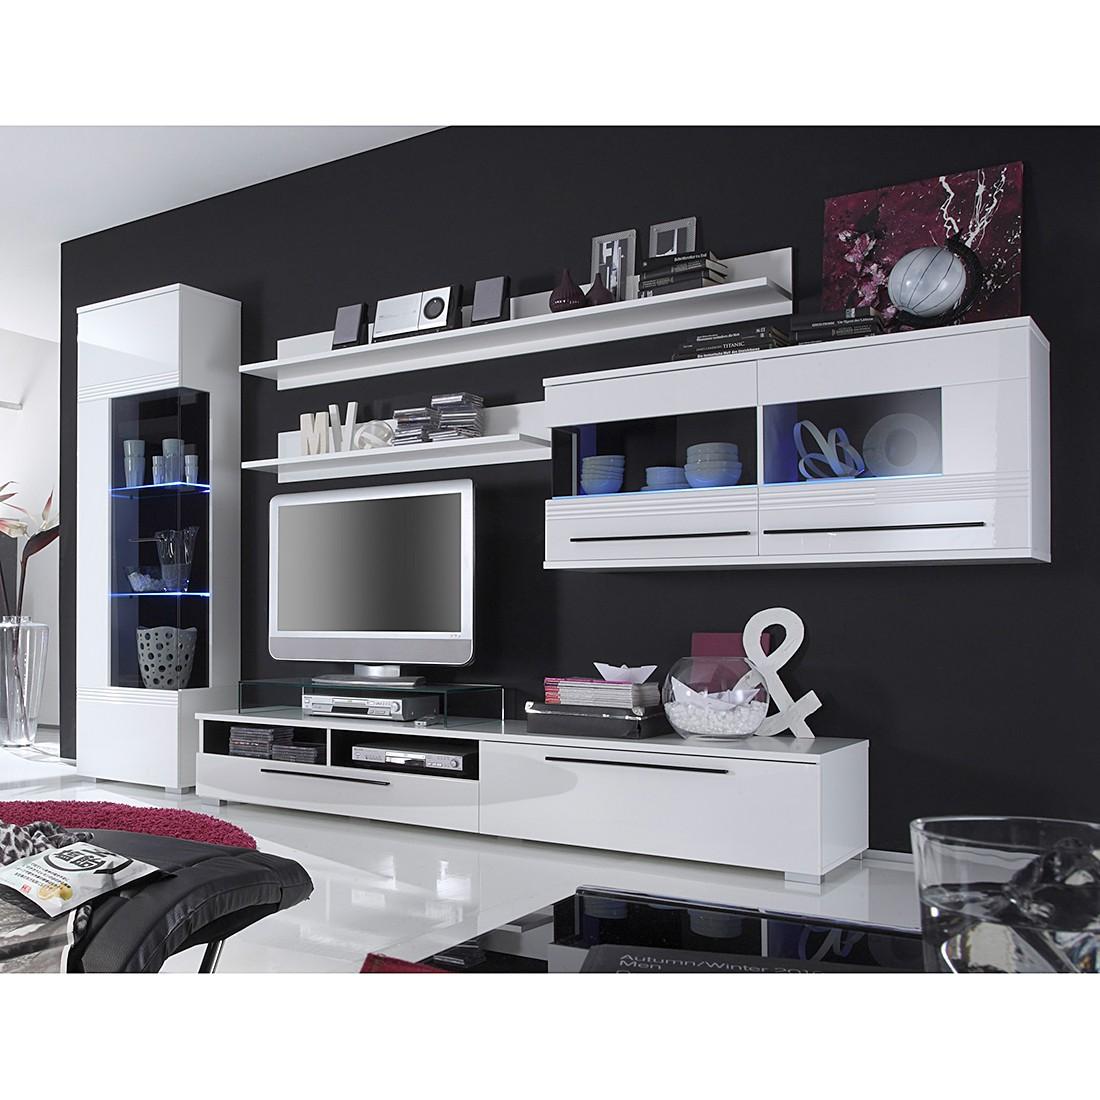 Wohnwand Tuby (5-teilig) – Hochglanz Weiß – foliert, roomscape jetzt bestellen